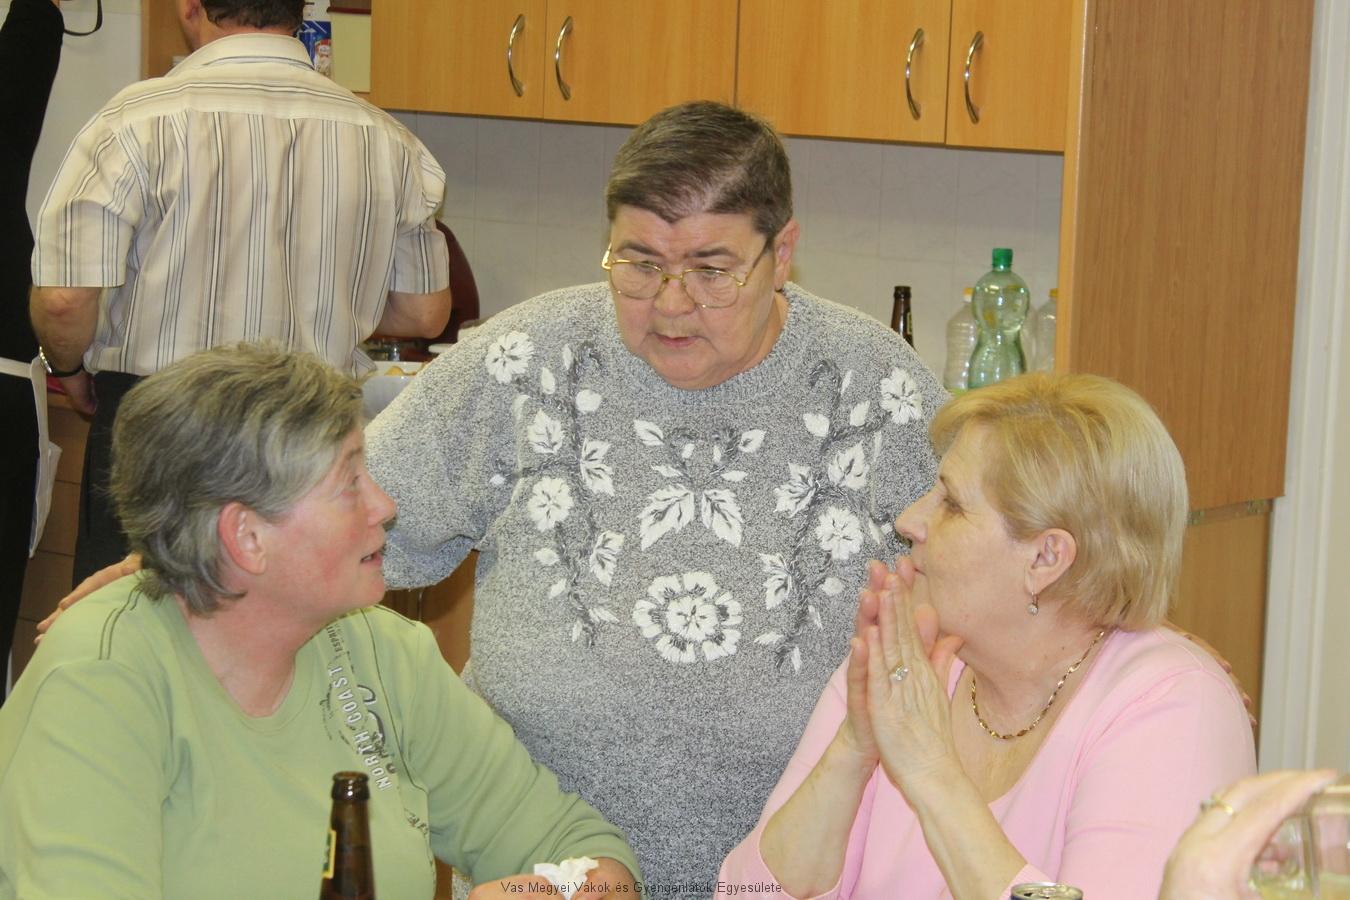 Verácska, Hugi és Kati beszélgetnek.